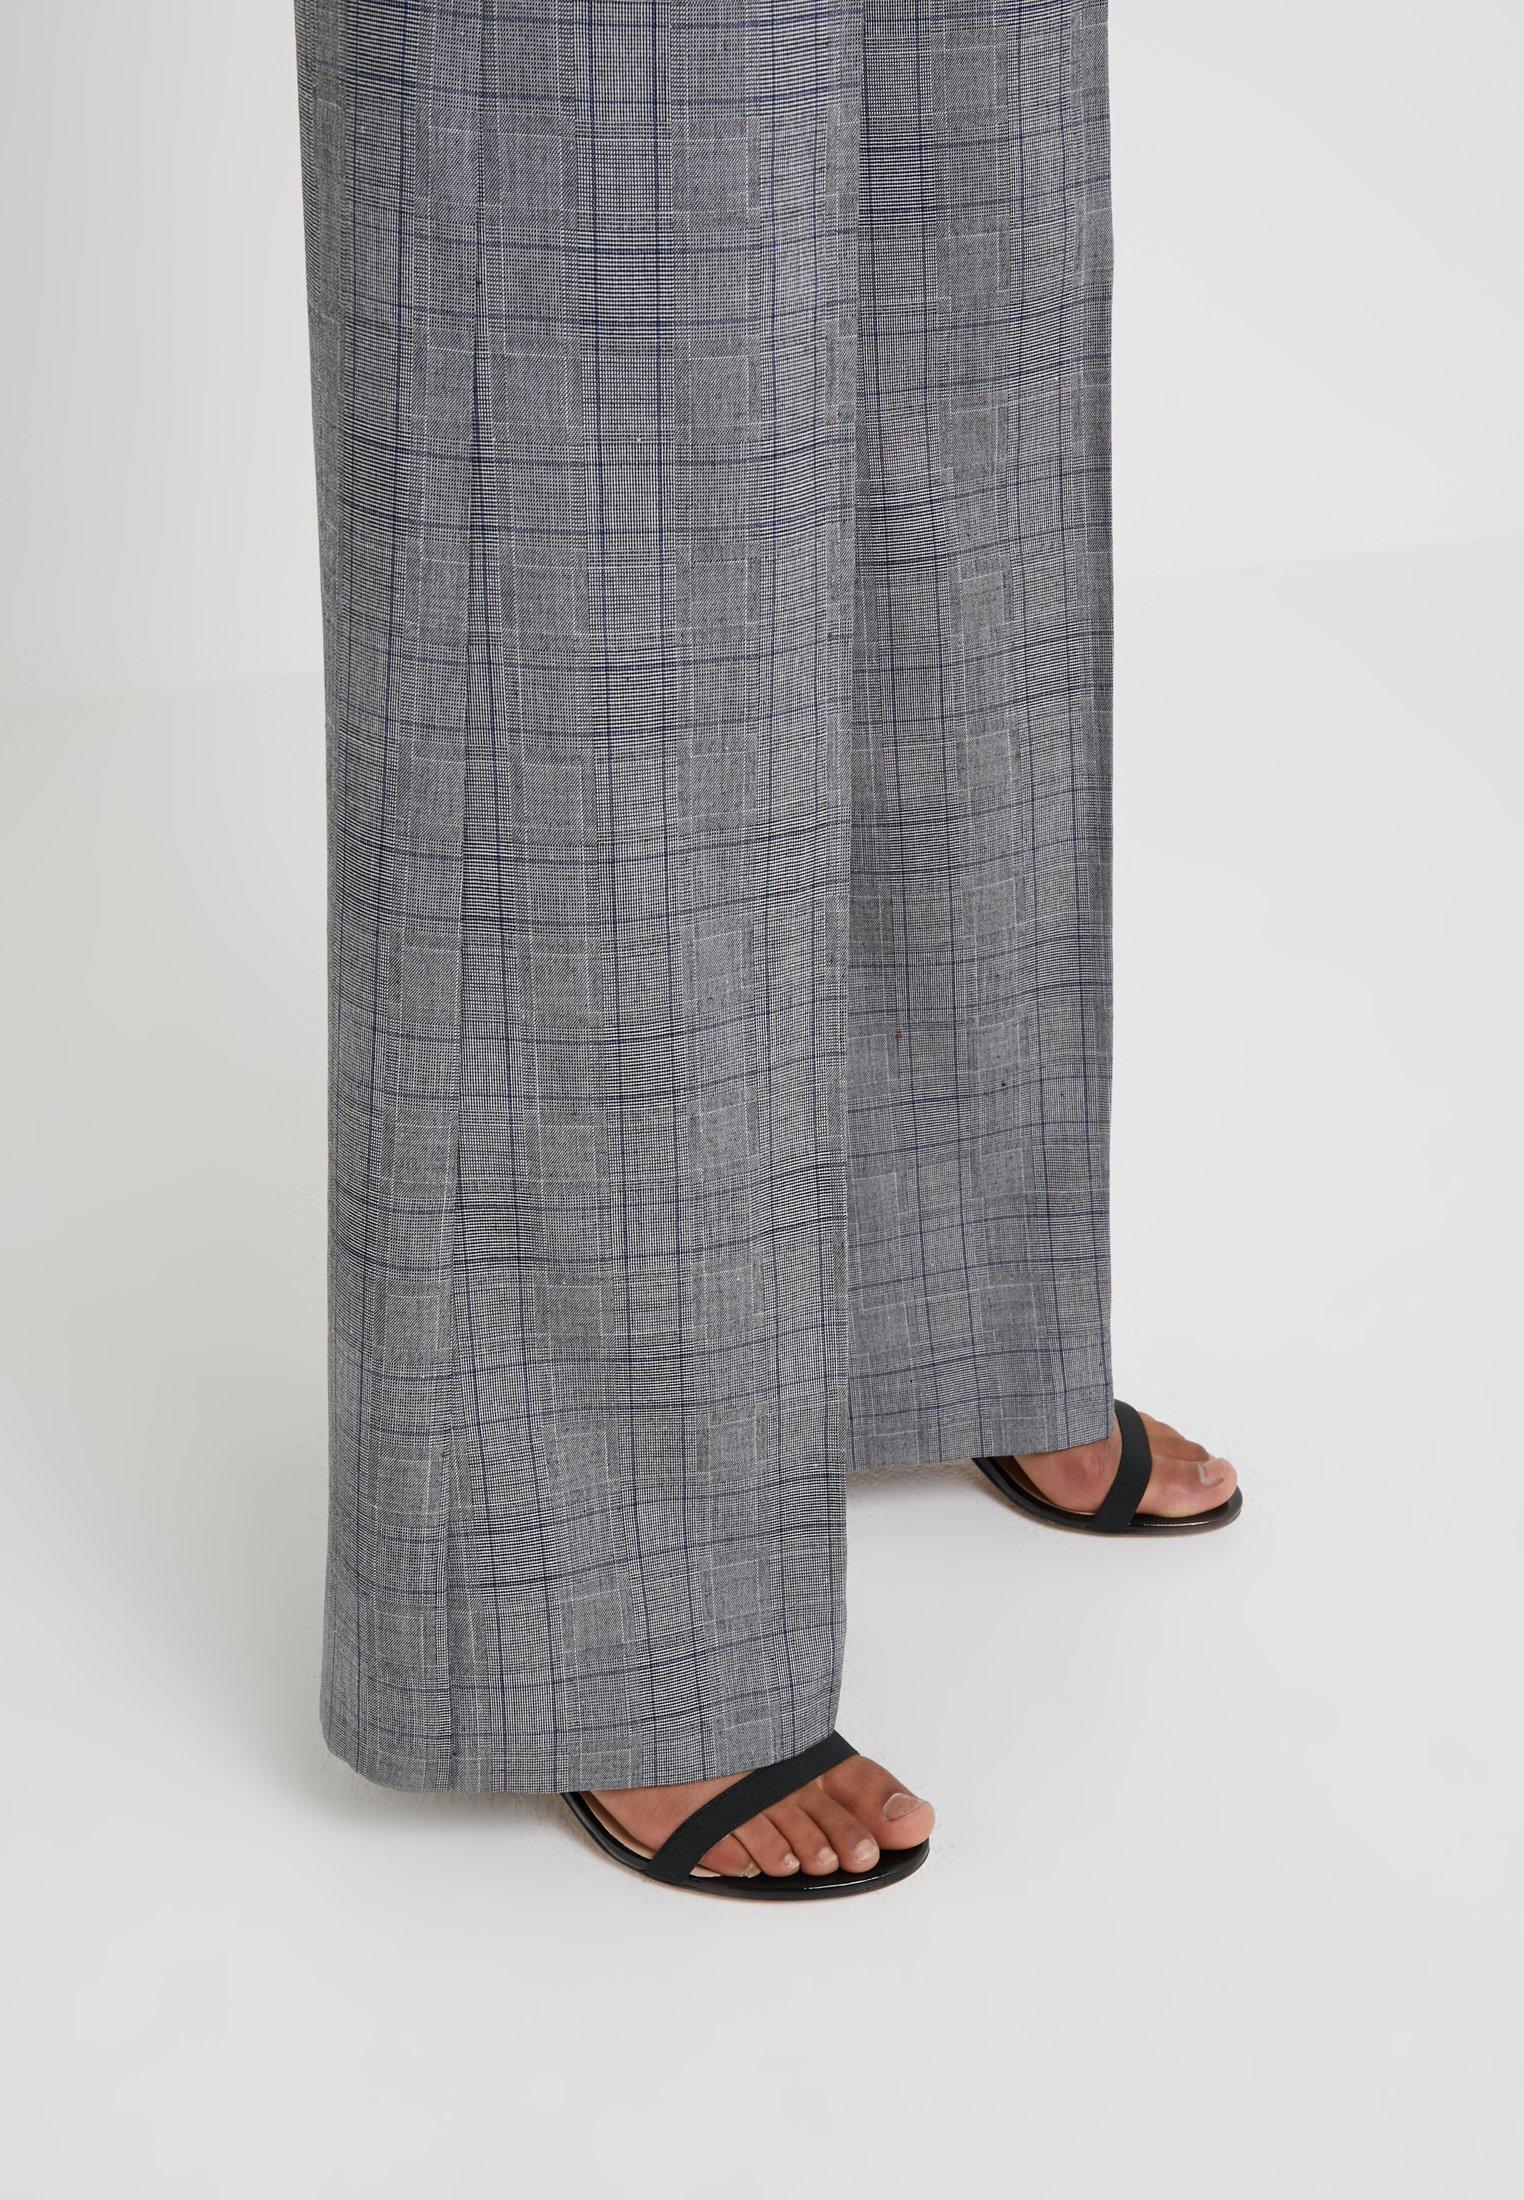 Pinko Ticcare PantalonePantaloni Pinko Multi grigioBlu PantalonePantaloni Ticcare OPkTZiXu